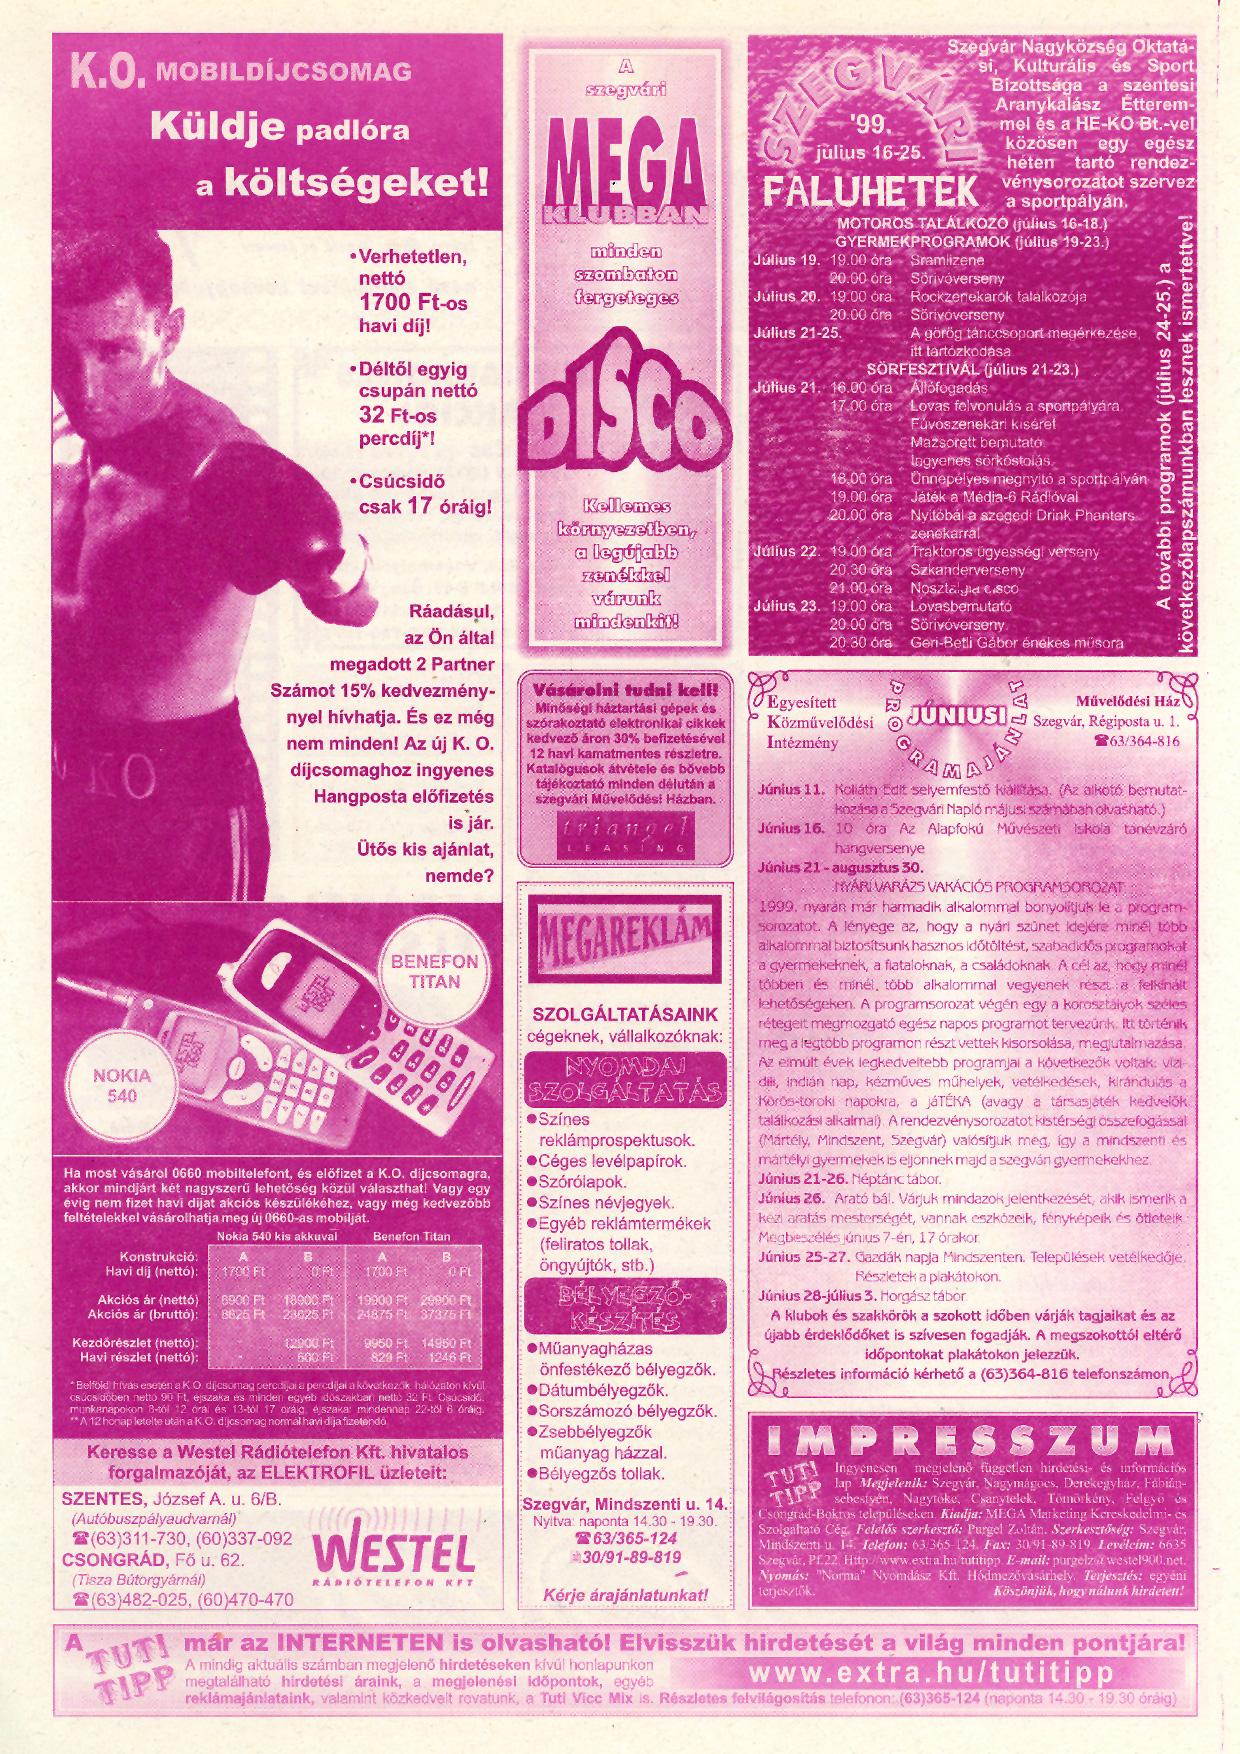 022 Tuti Tipp reklámújság - 19990605-122. lapszám - 2.oldal - V. évfolyam.jpg